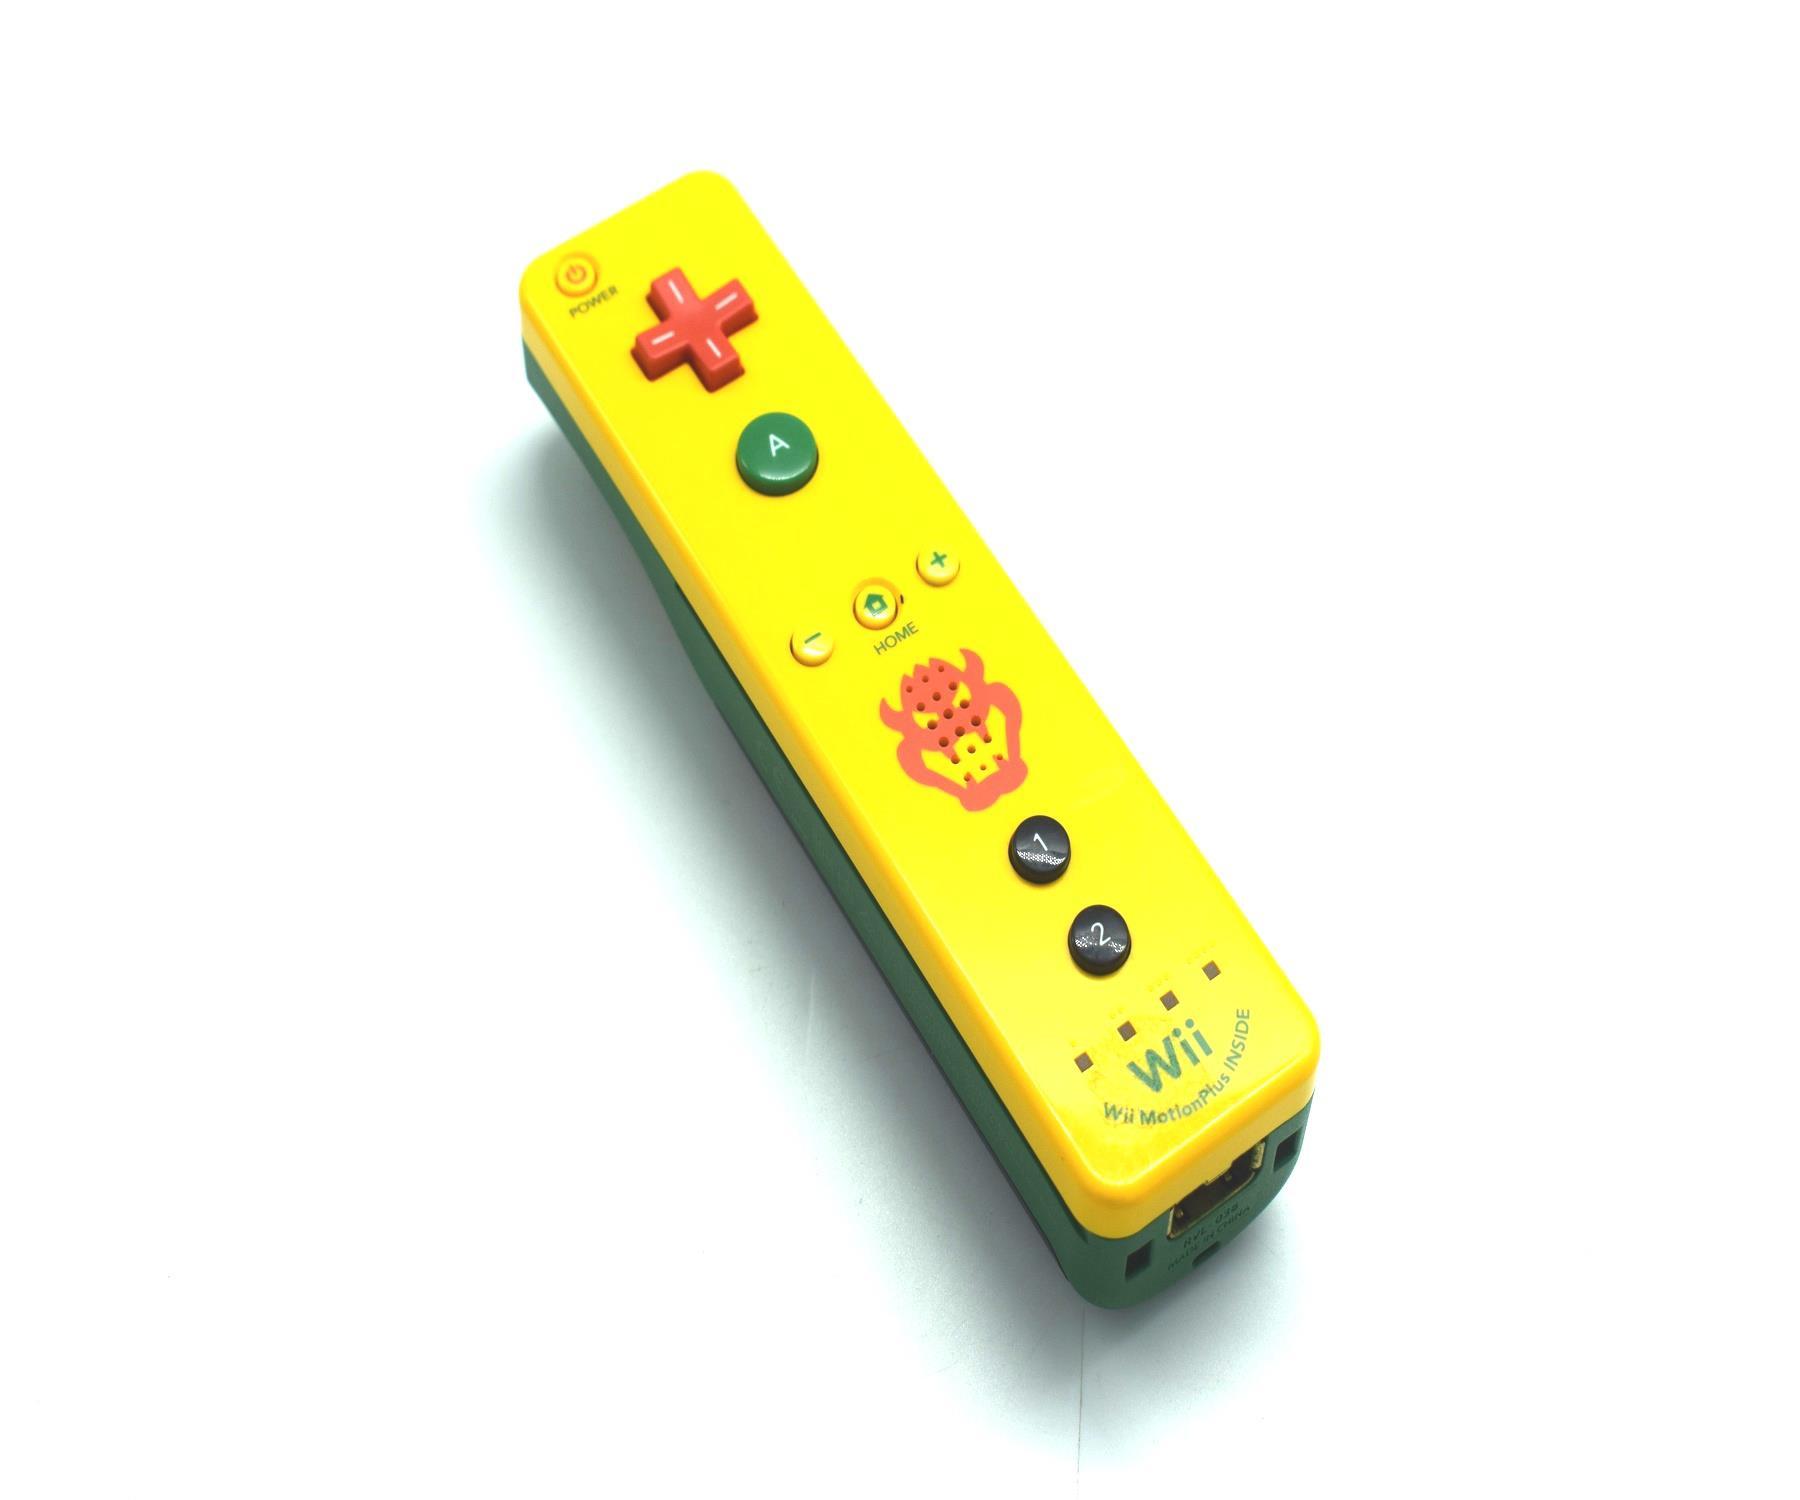 Official-Nintendo-Wii-amp-Remote-U-Plus-Genuine-Original-Controller miniatuur 7